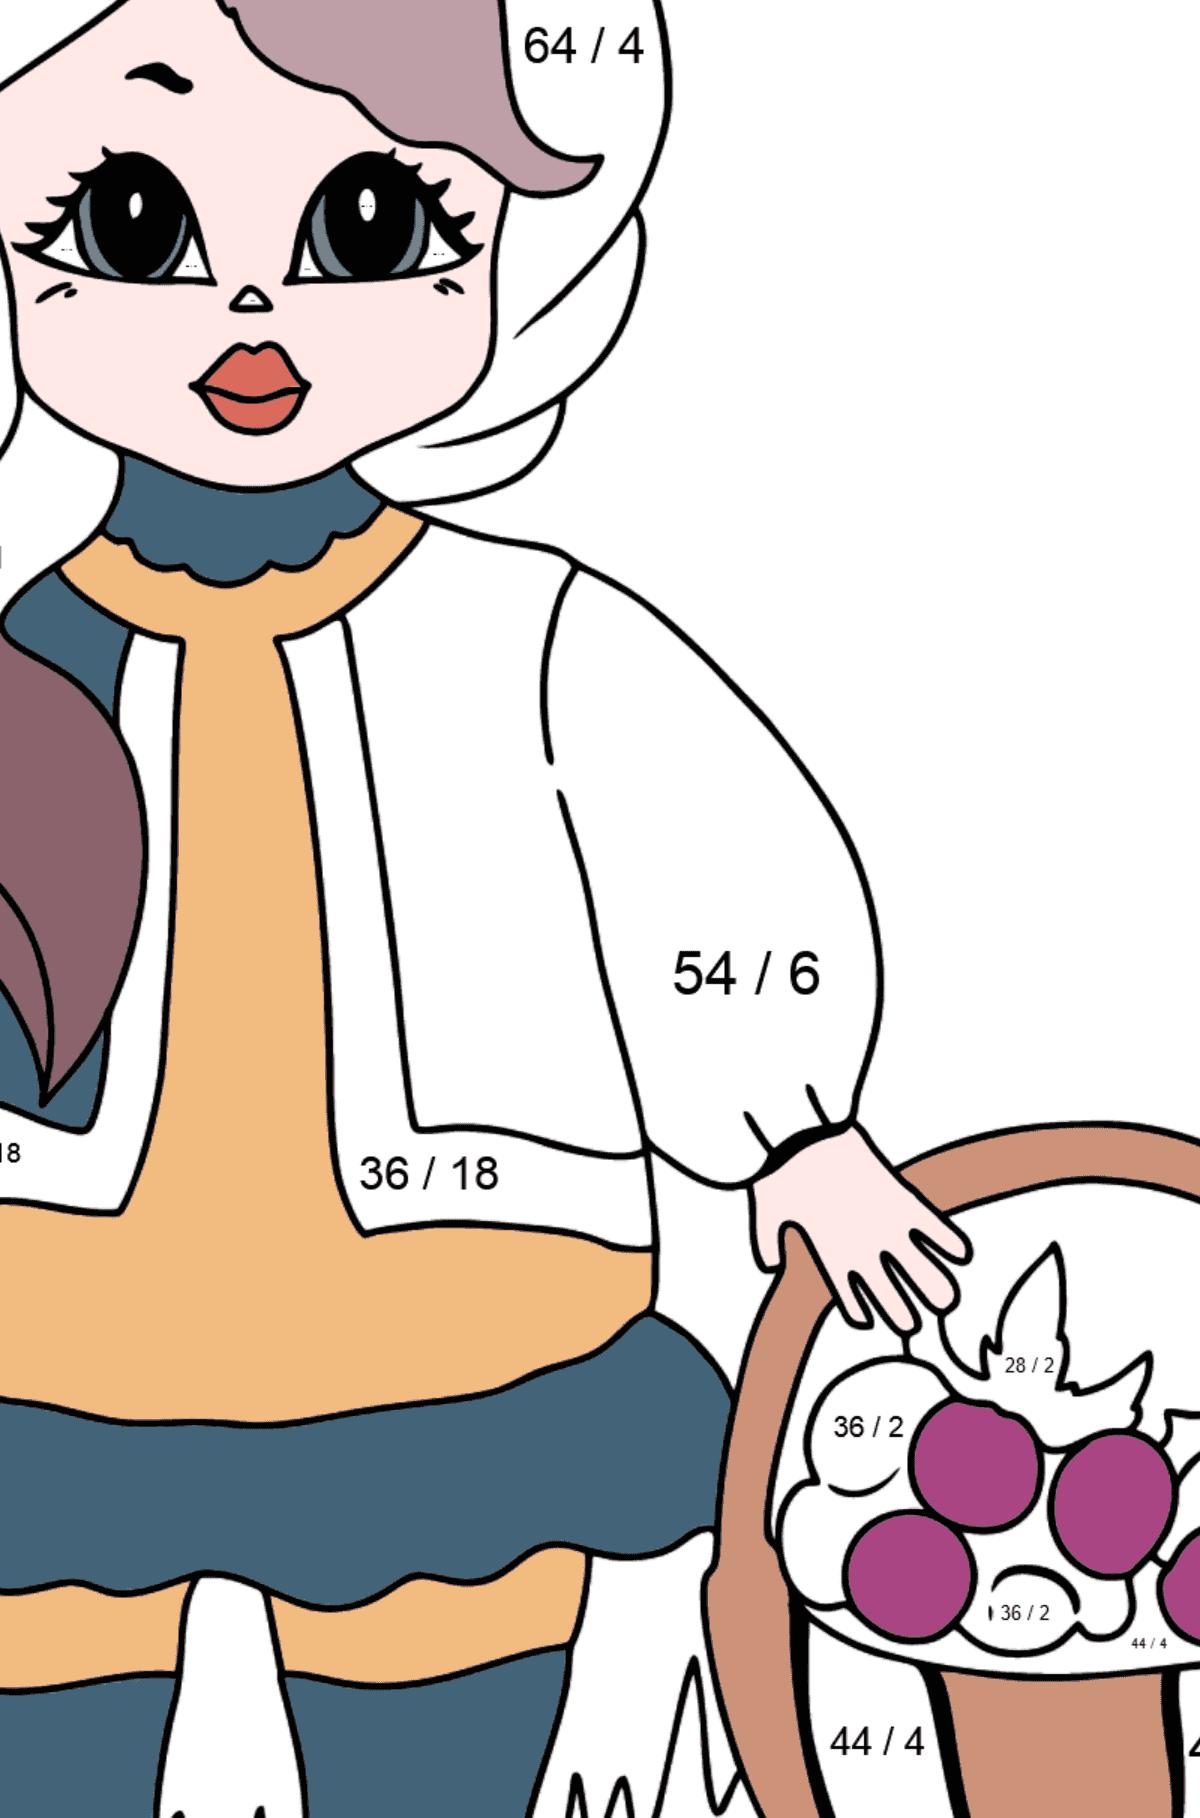 Раскраска Принцесса с Корзиной Для Девочек - Математическая Раскраска - Деление для Детей